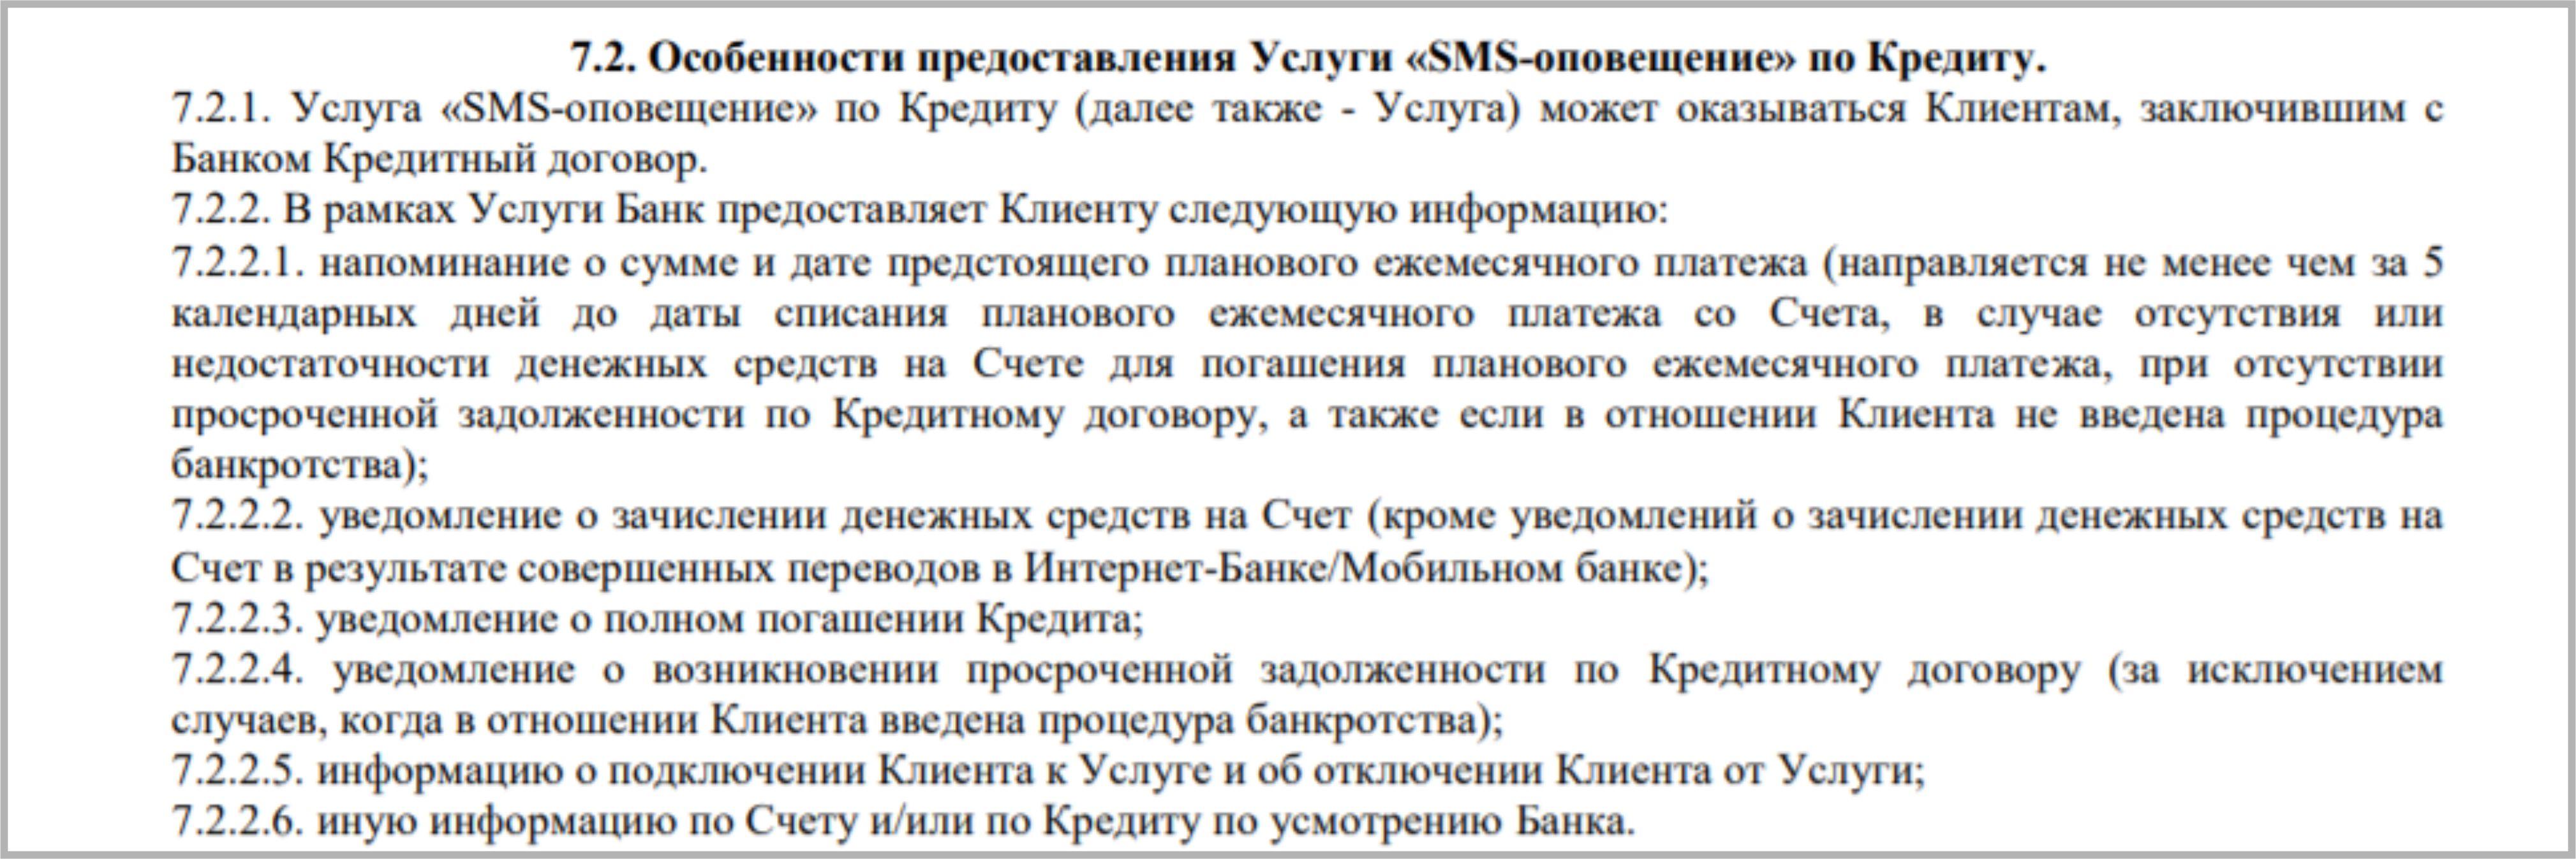 """Ренессанс Банк отказ от доп. услуг: СМС информирования, сервис-пакетов: """"Финансовая защита"""", """"Удобный"""", """"Комфорт лайт"""""""